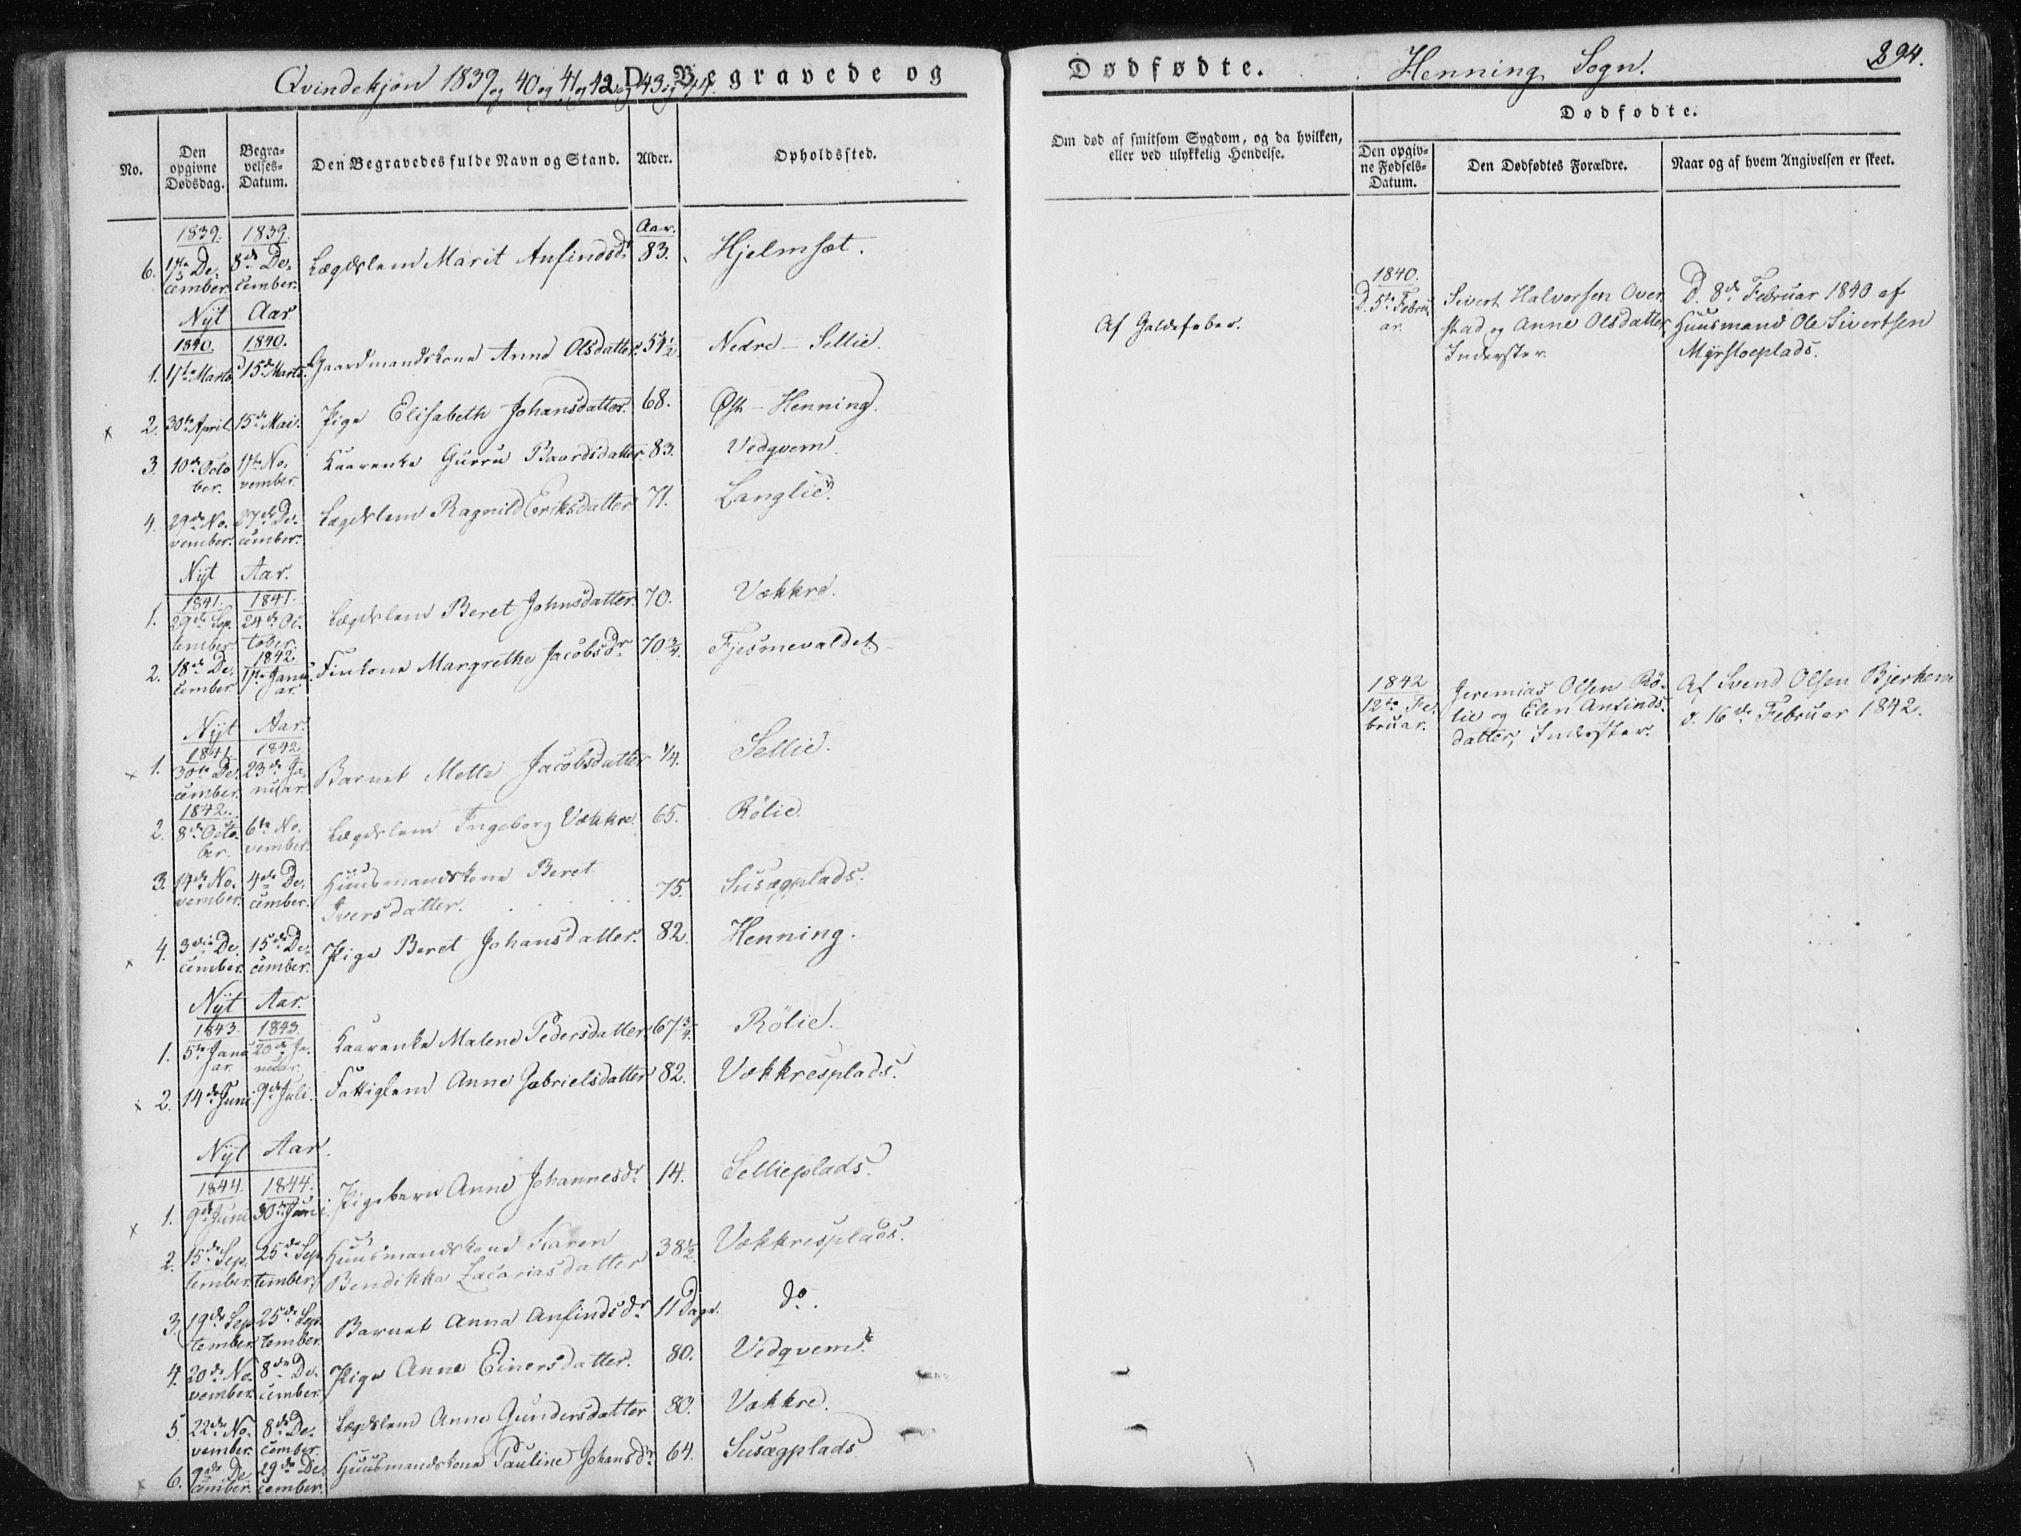 SAT, Ministerialprotokoller, klokkerbøker og fødselsregistre - Nord-Trøndelag, 735/L0339: Ministerialbok nr. 735A06 /3, 1836-1848, s. 294